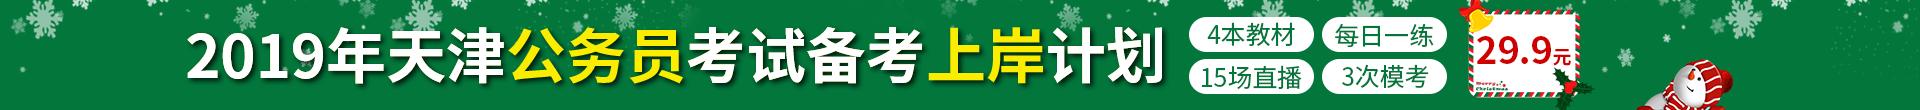 2019年天津公务员考试备考上岸计划